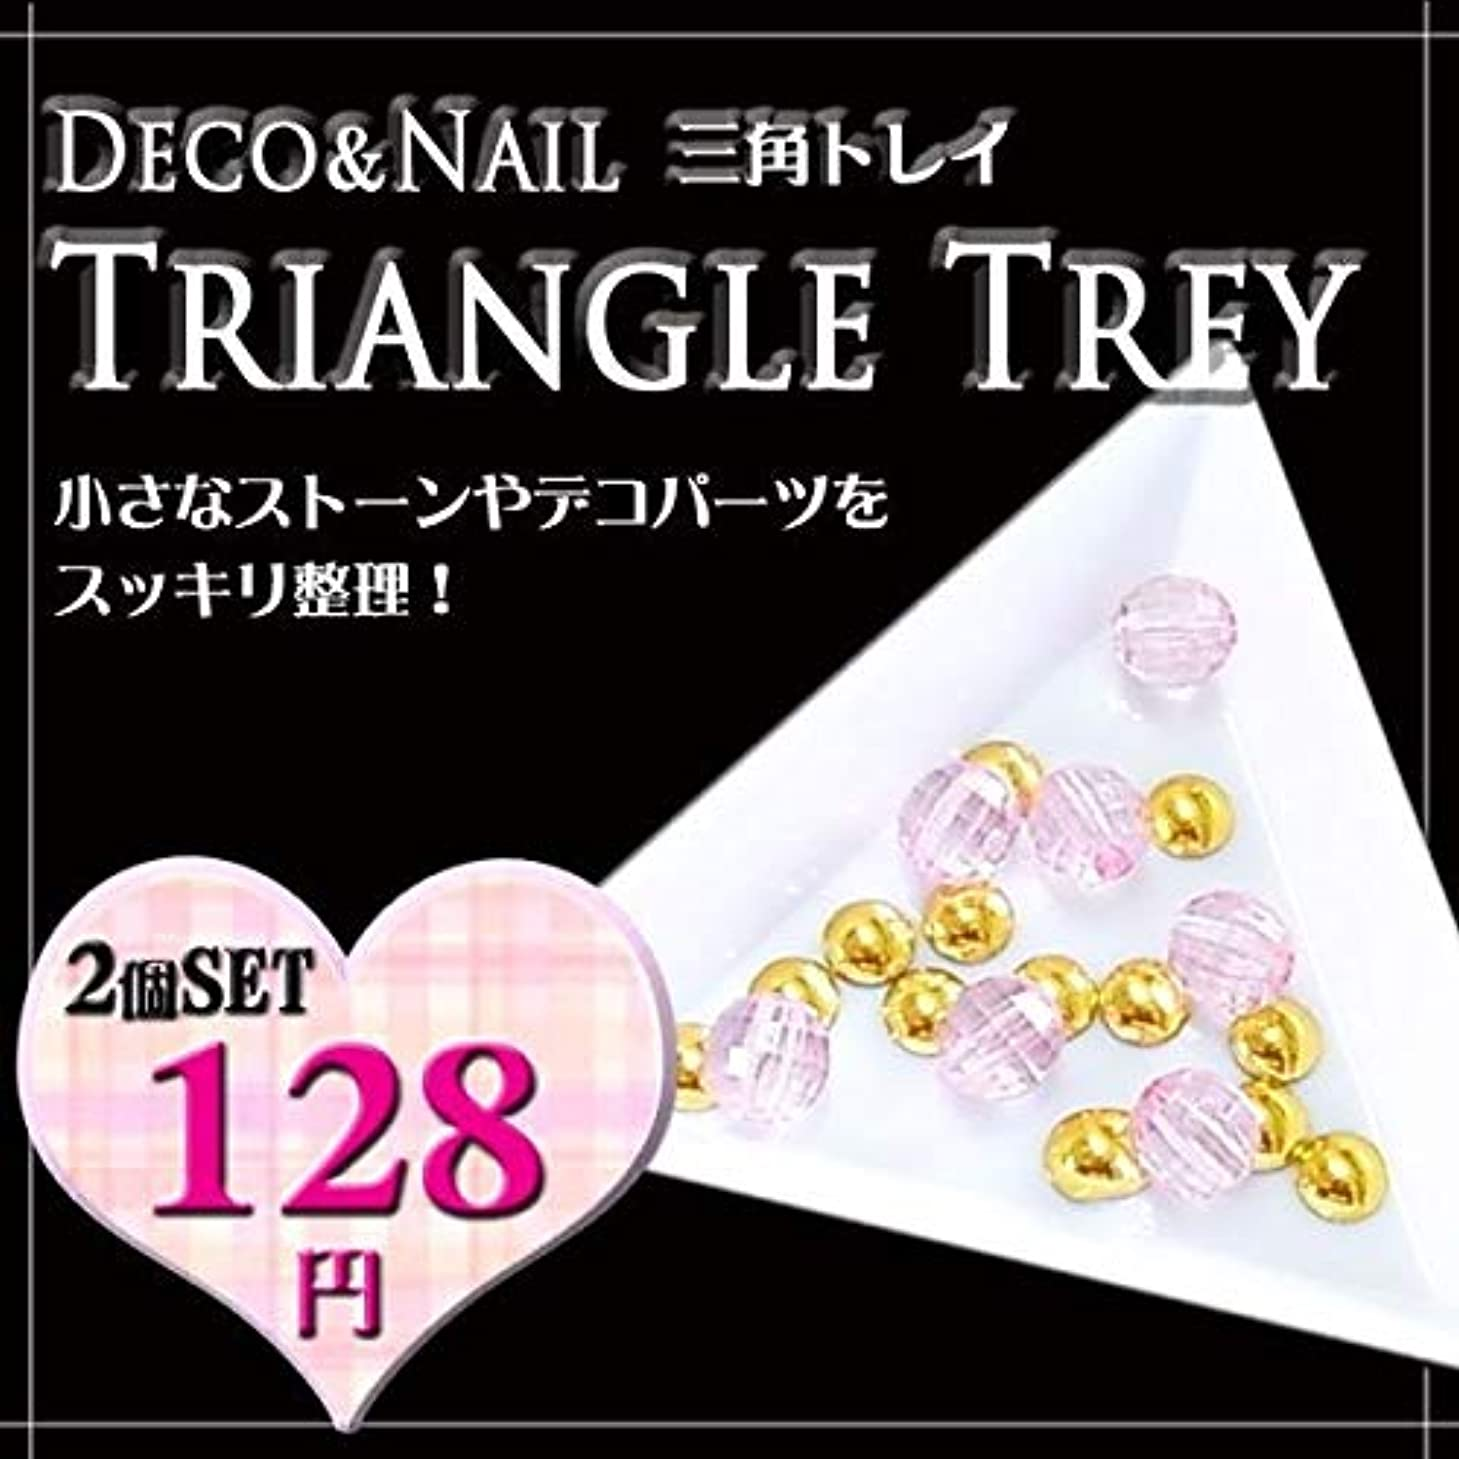 合成散逸玉三角トレイ 2個セット